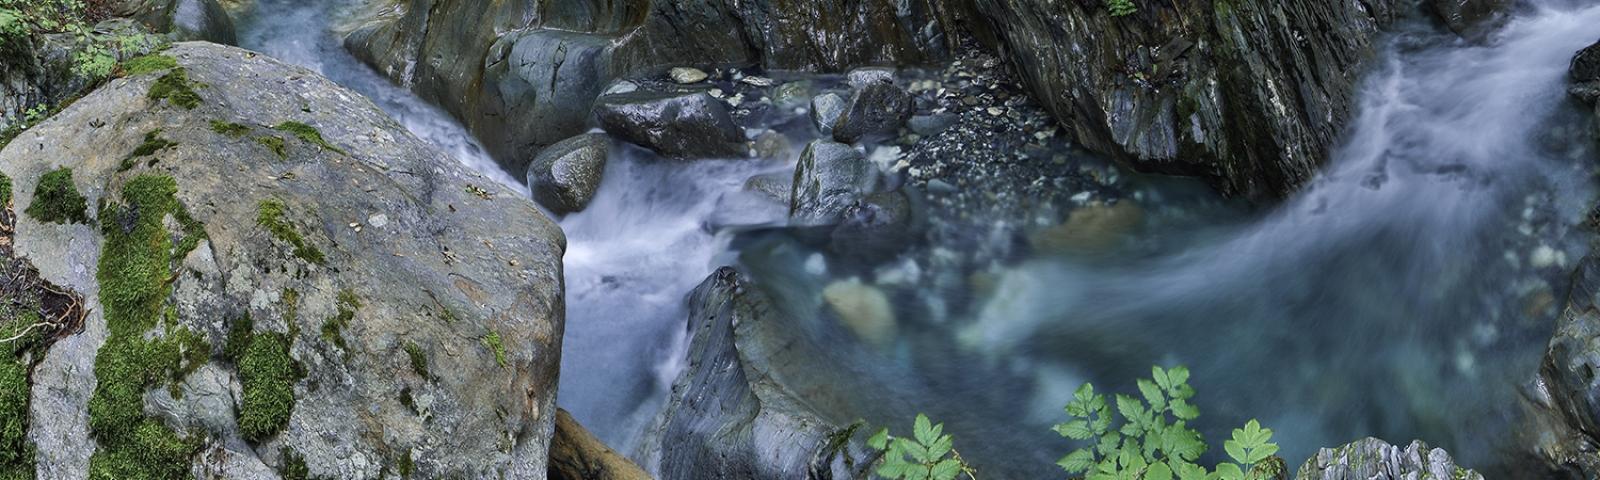 Torrent au milieu des rochers